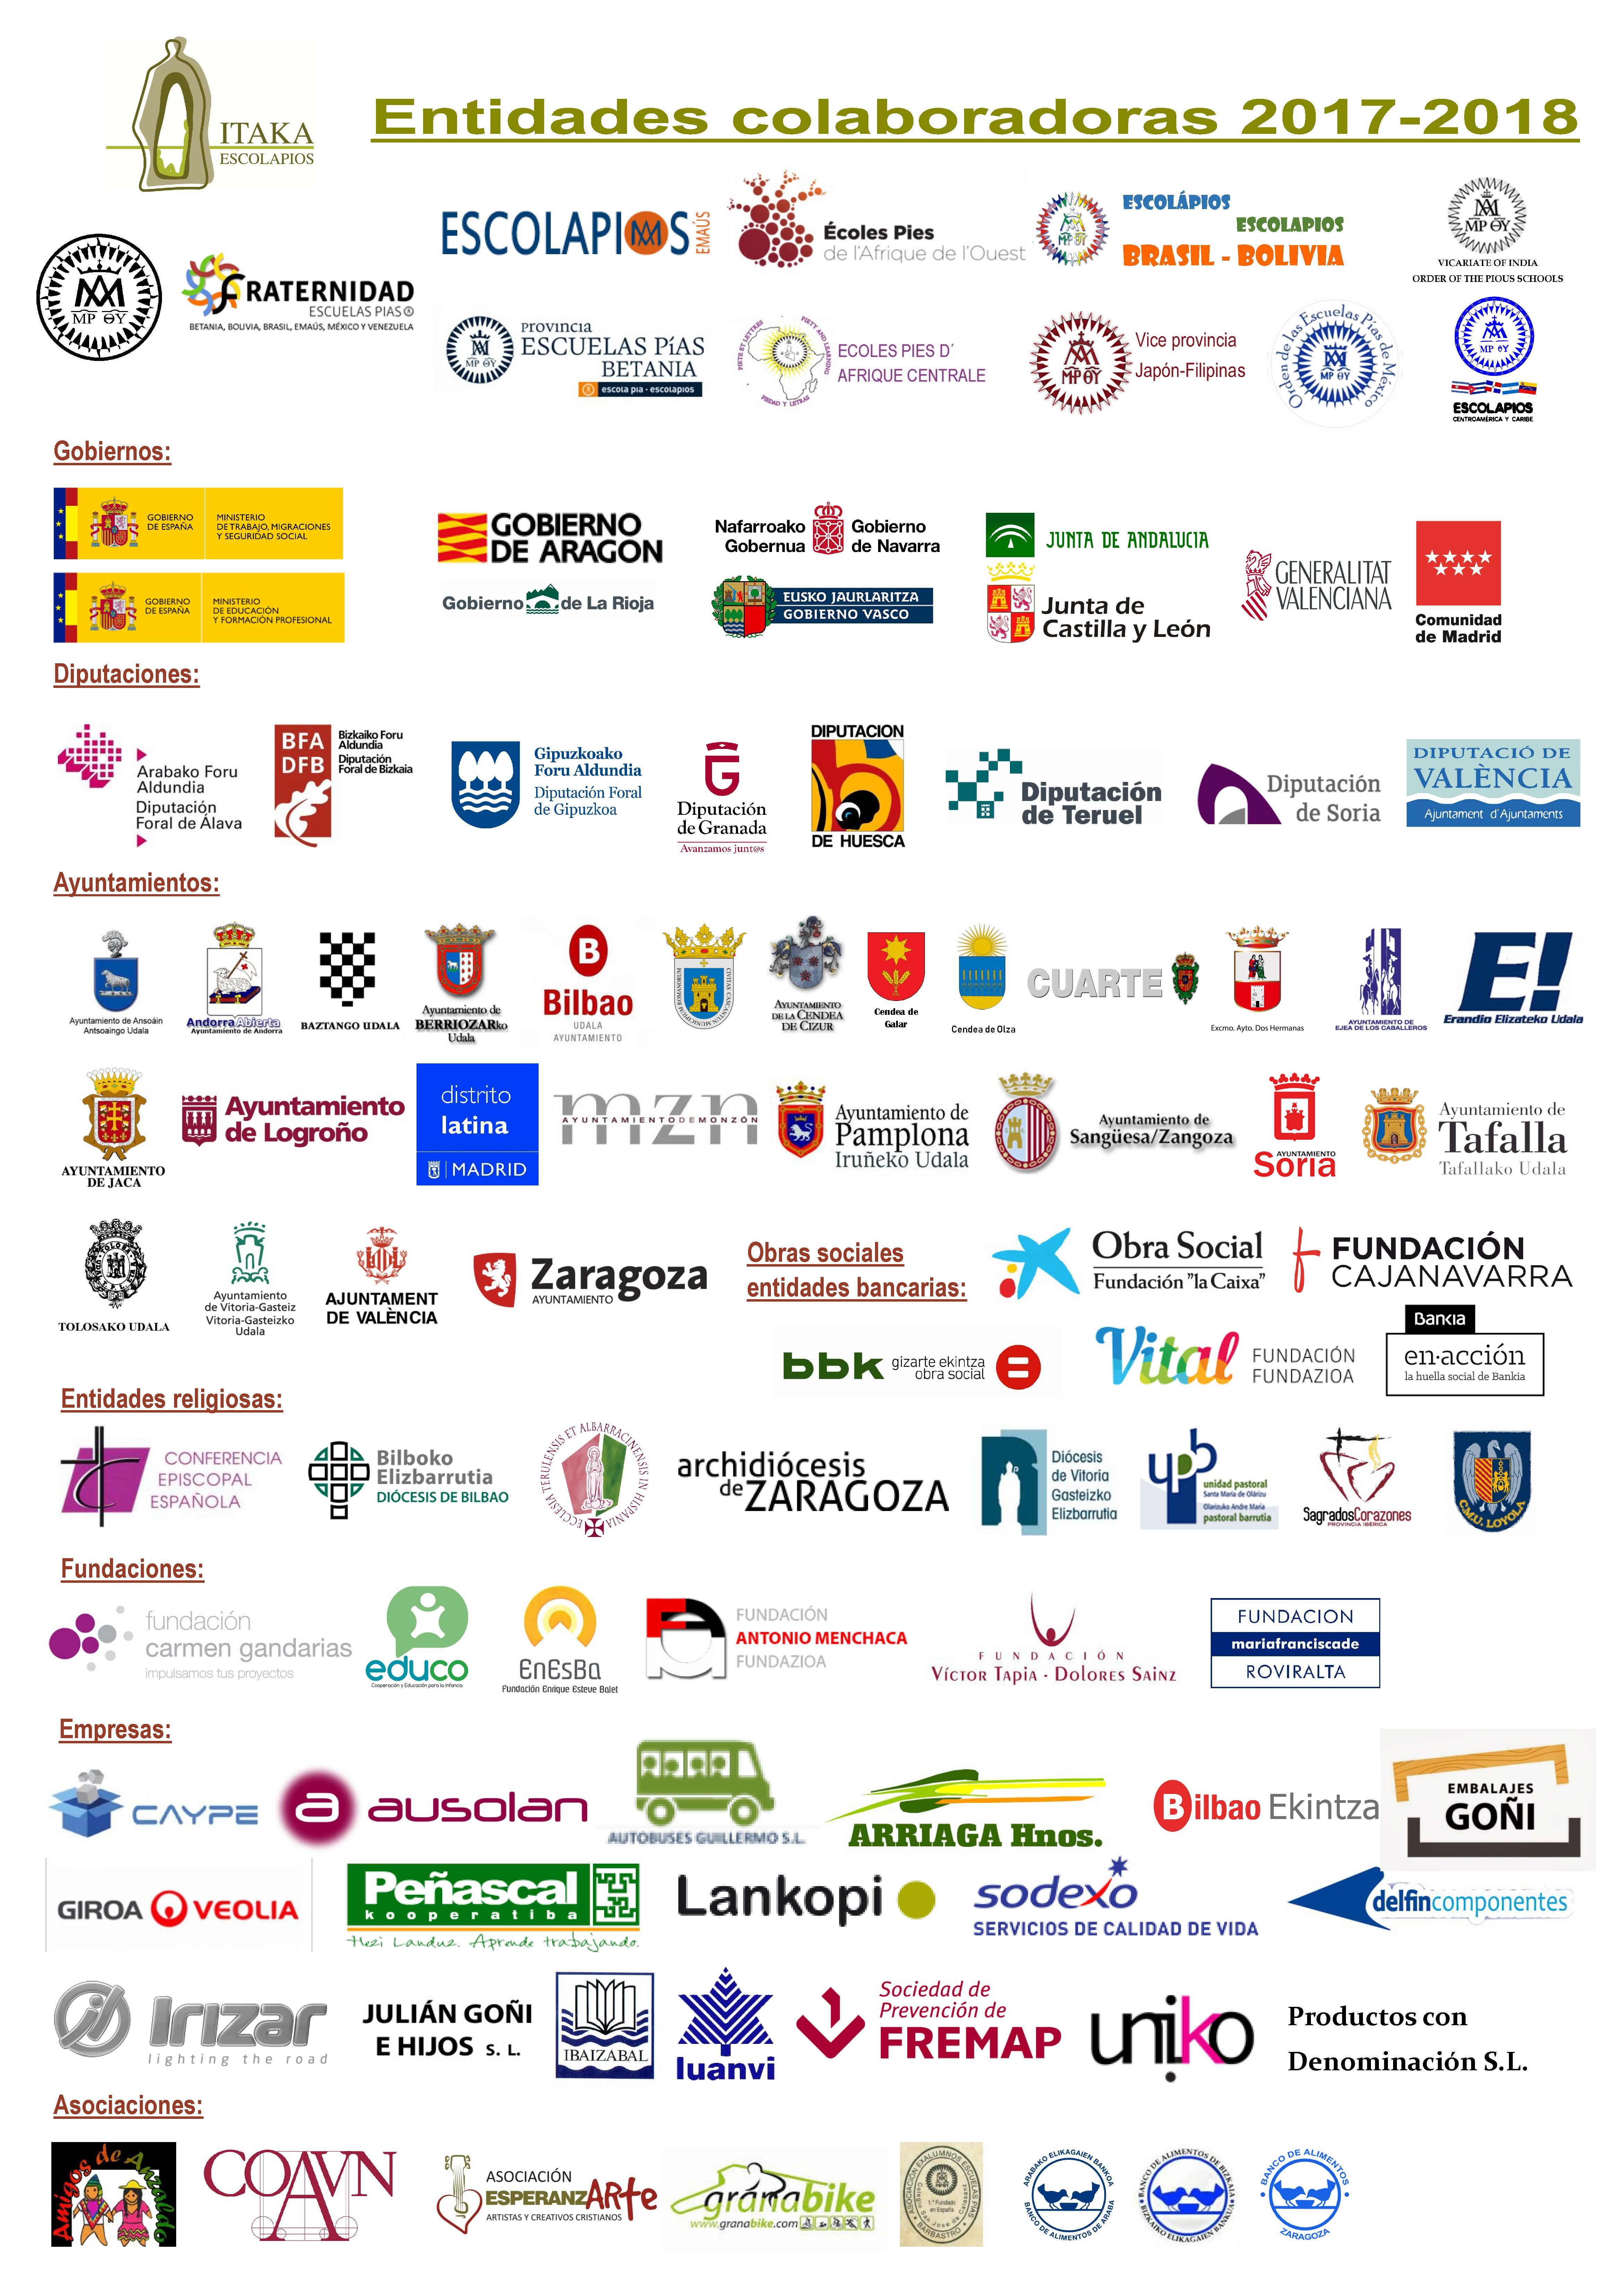 entidades amigas 2017-2018